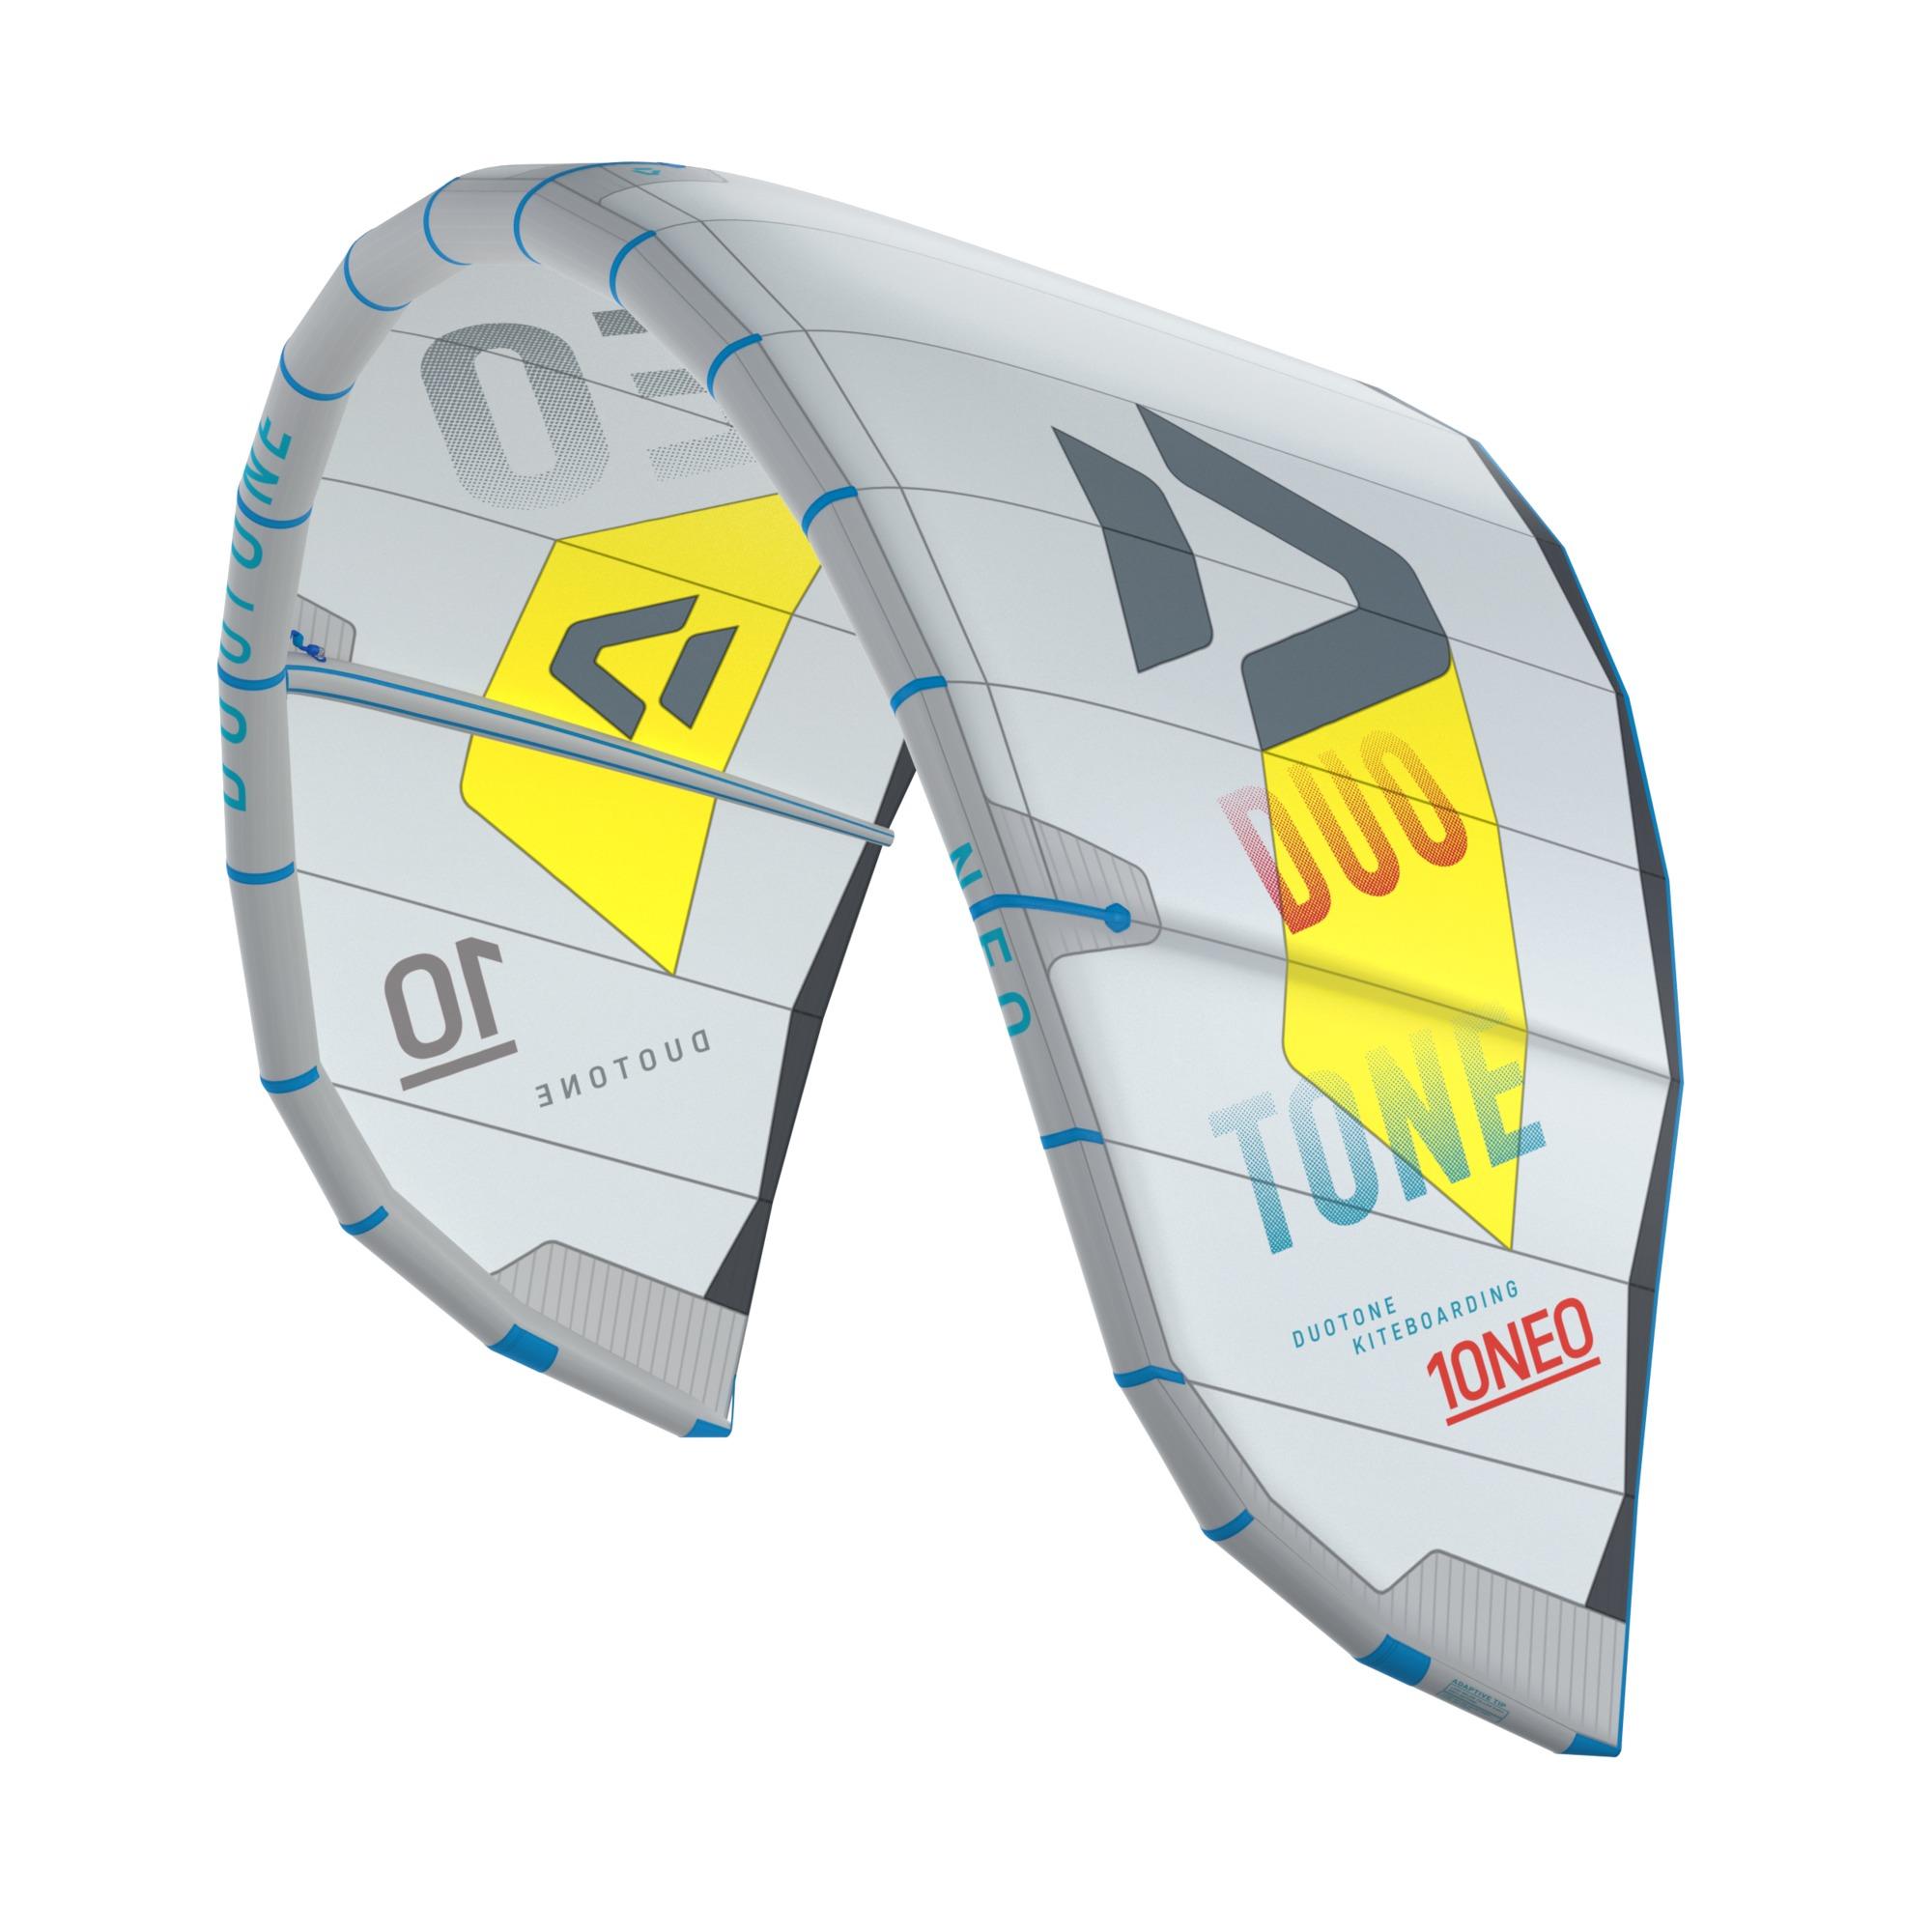 Duotone Kiteboarding Neo 2020 Kitesurfing equipment